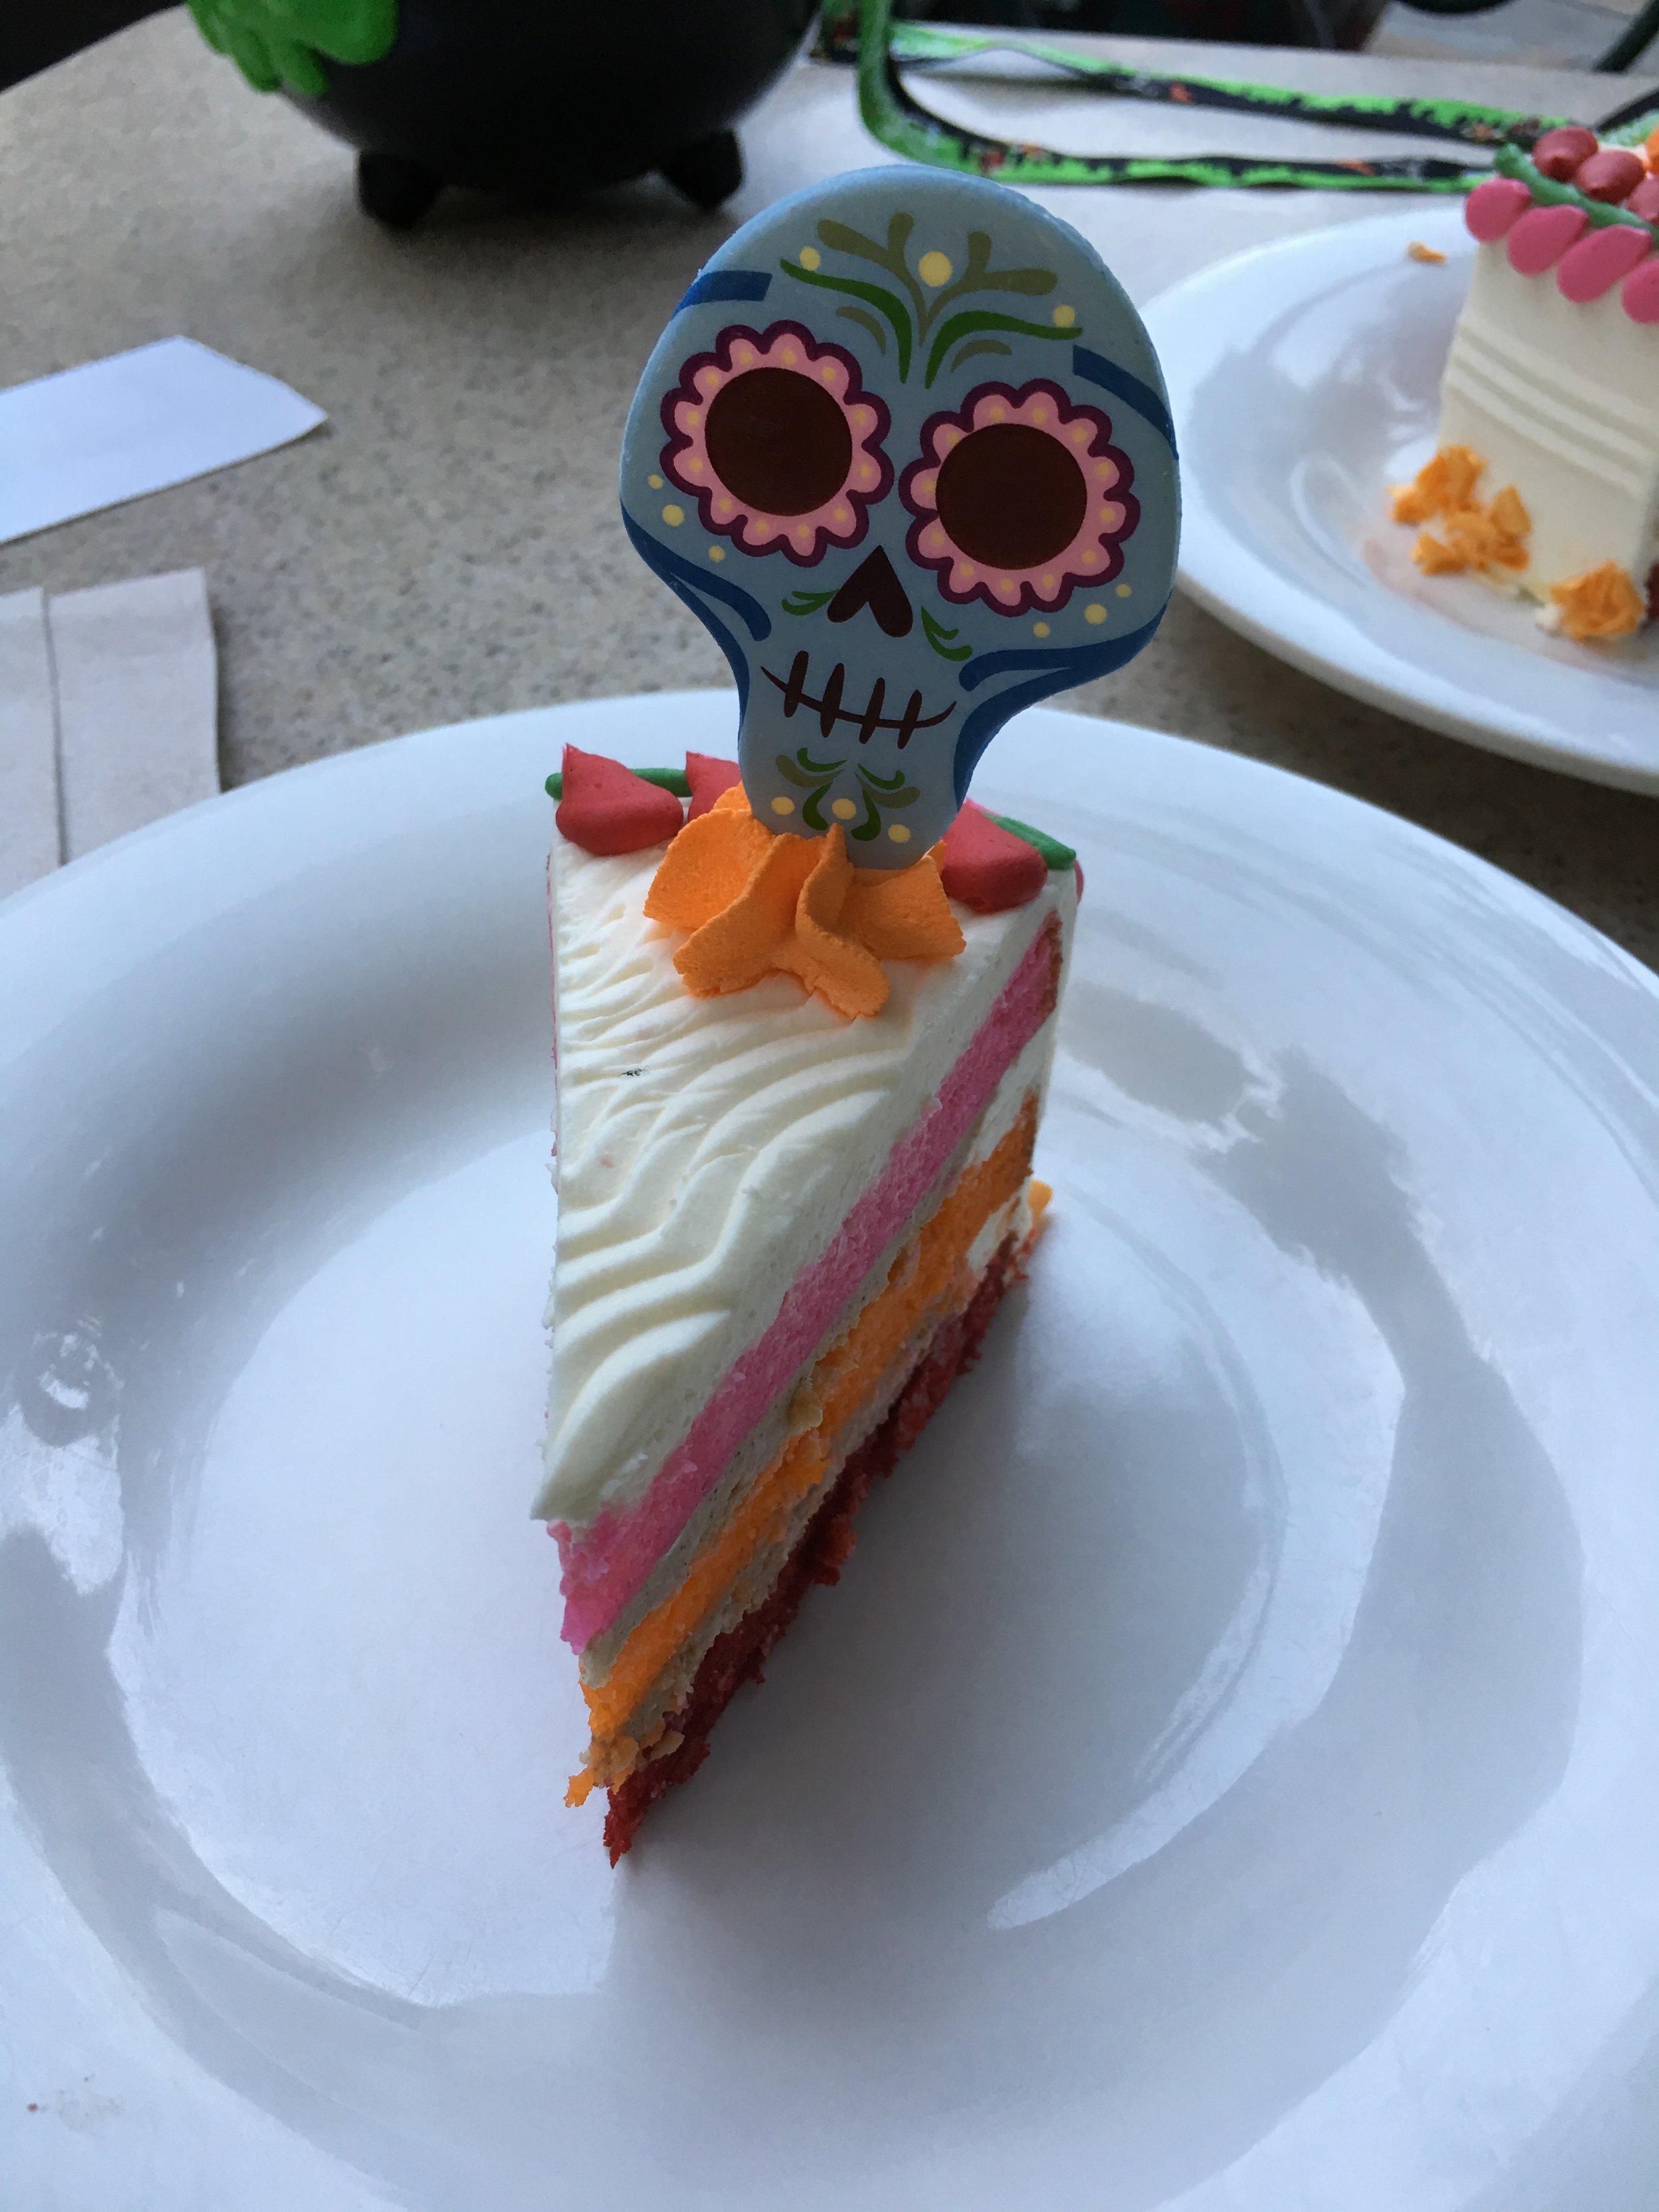 The Coco Churro Cake in DCA's boardwalk.